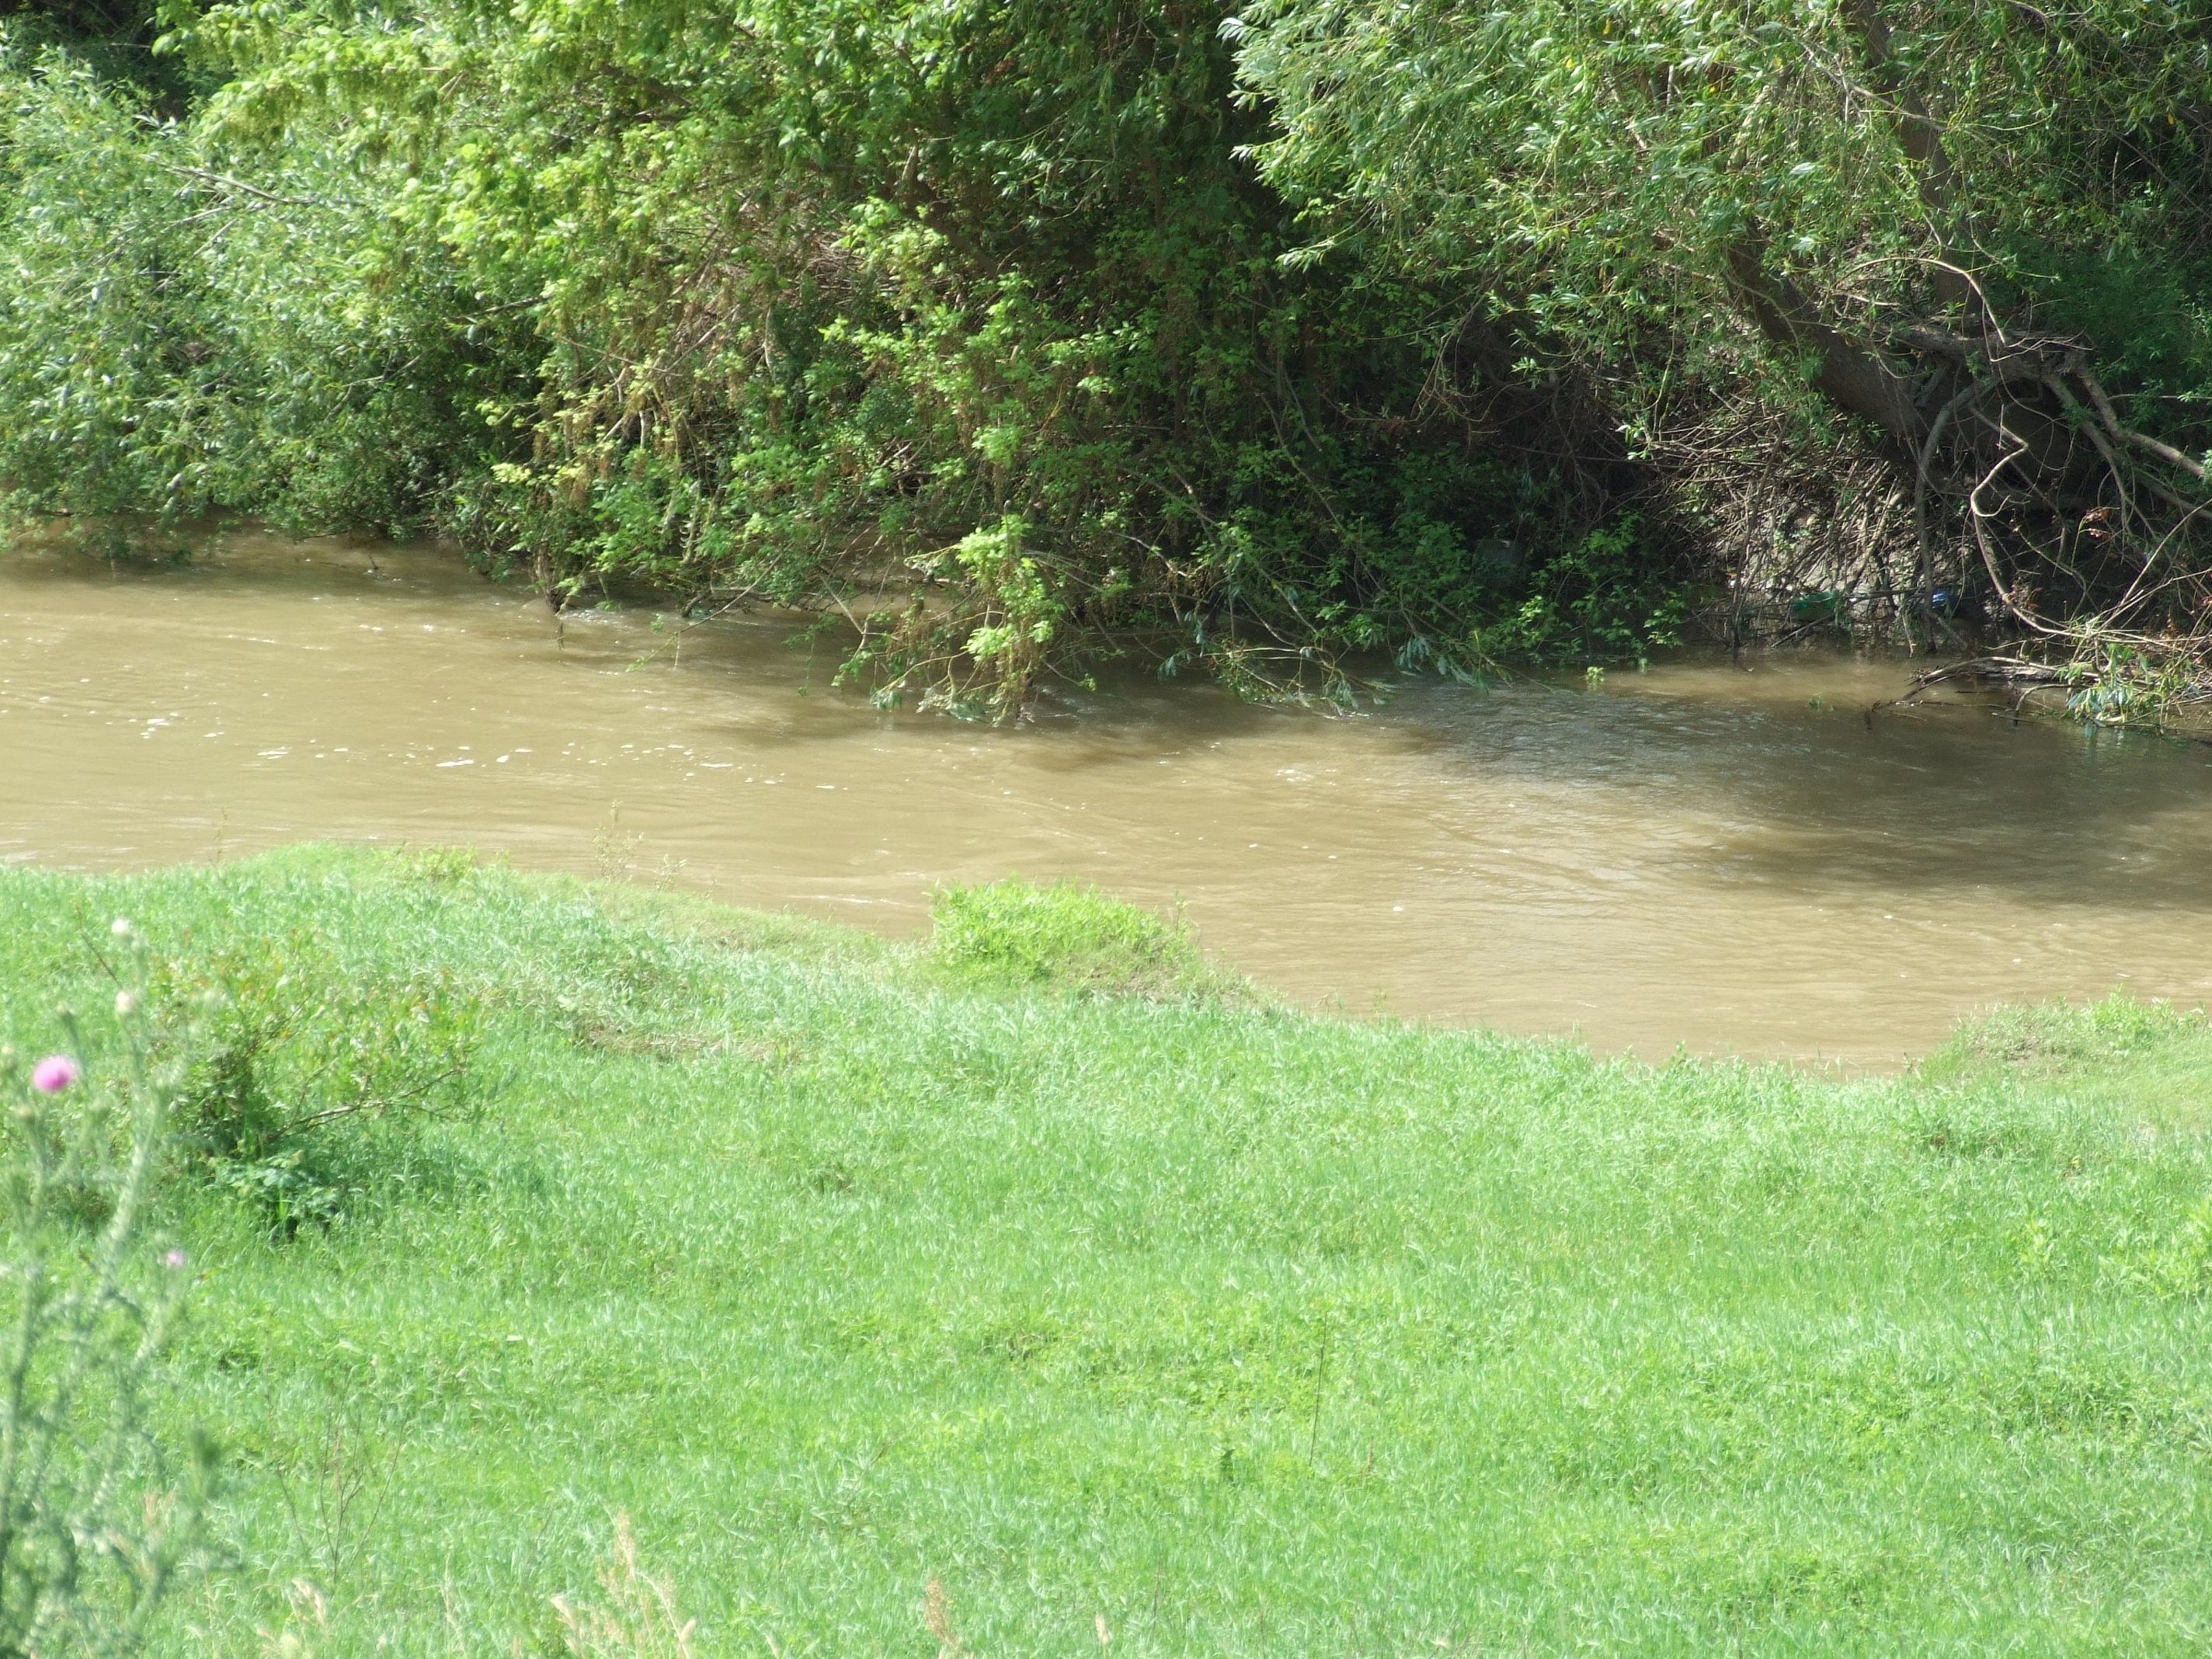 Itt már, bár áradt a folyó, kezd patakká alakulni